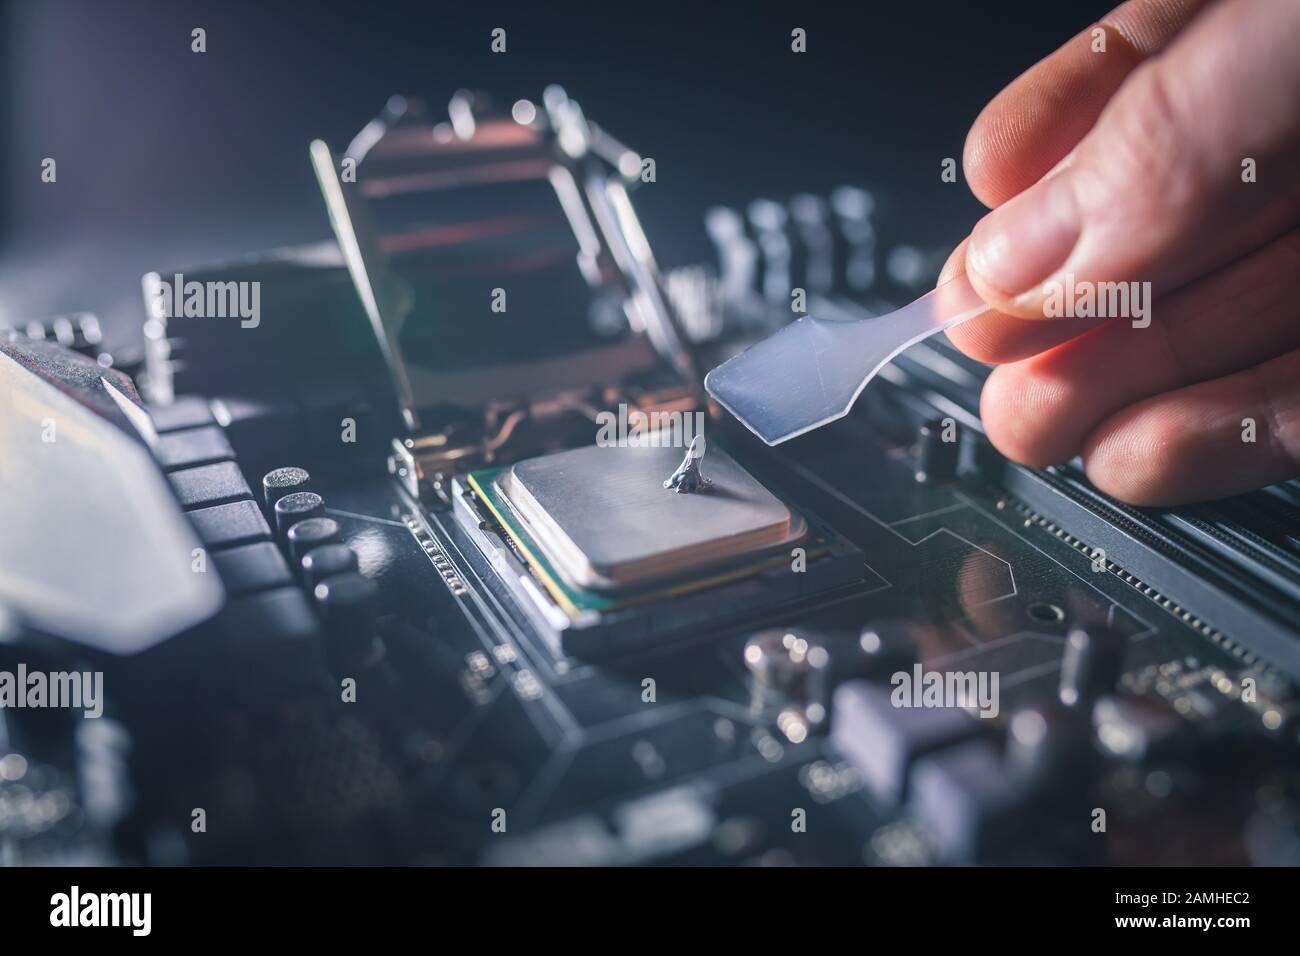 Application de pâte thermique sur la puce du processeur pour ordinateur portable pour un refroidissement de haute qualité. Épandage de composé thermique pour des performances de refroidissement iprprouver. Mise À Niveau Banque D'Images